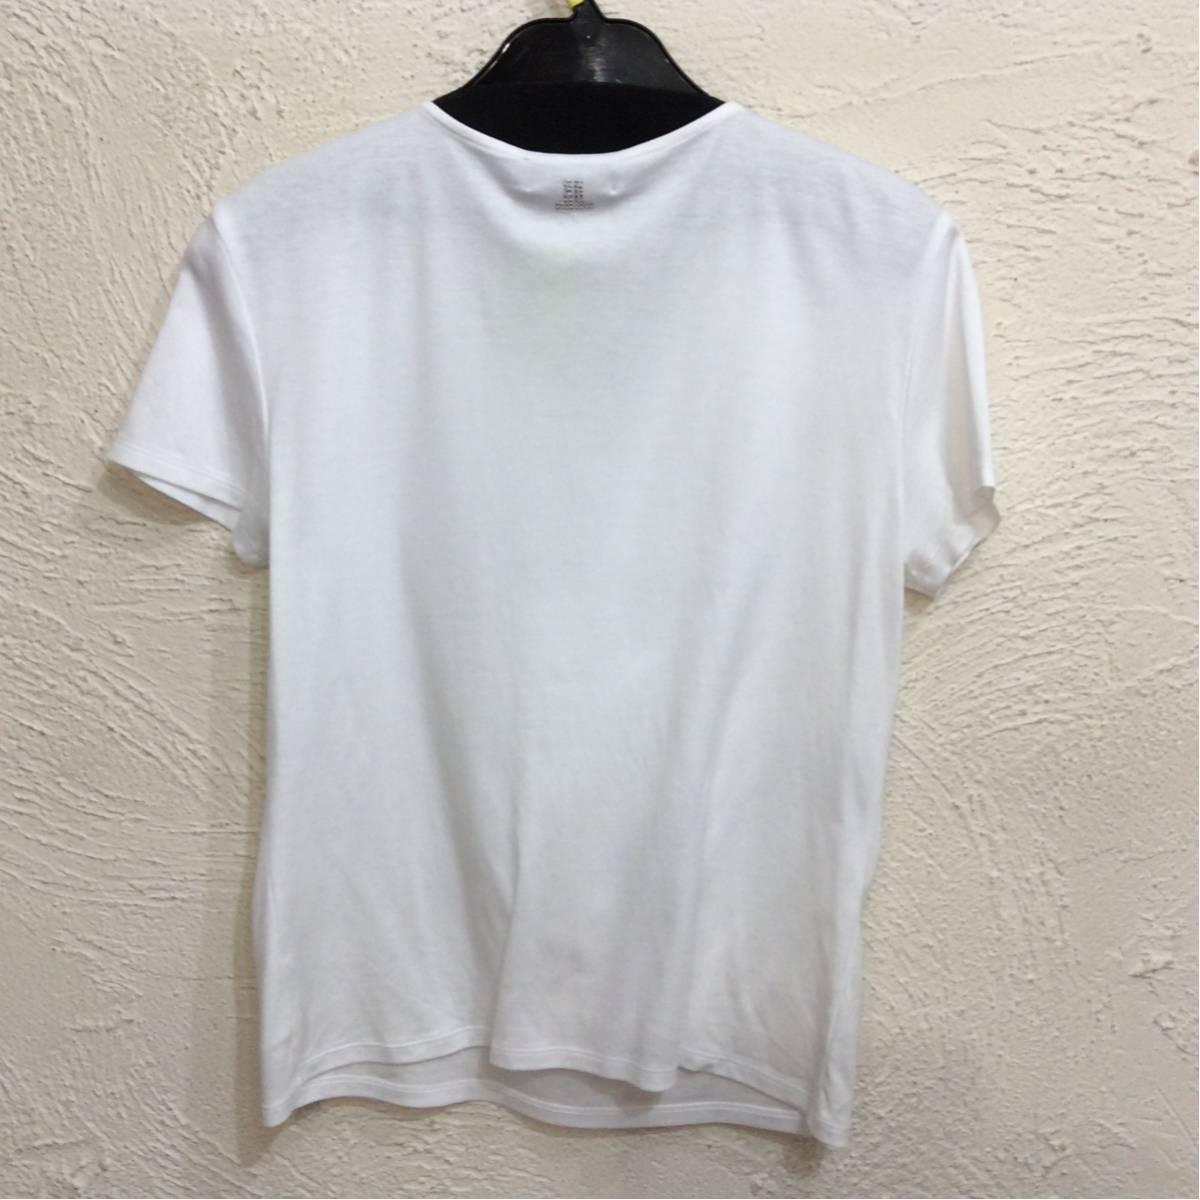 ランバン 半袖カットソー 白色 前リボン飾り 後ろ上ラインストーン飾り サイズ表記なし_画像2